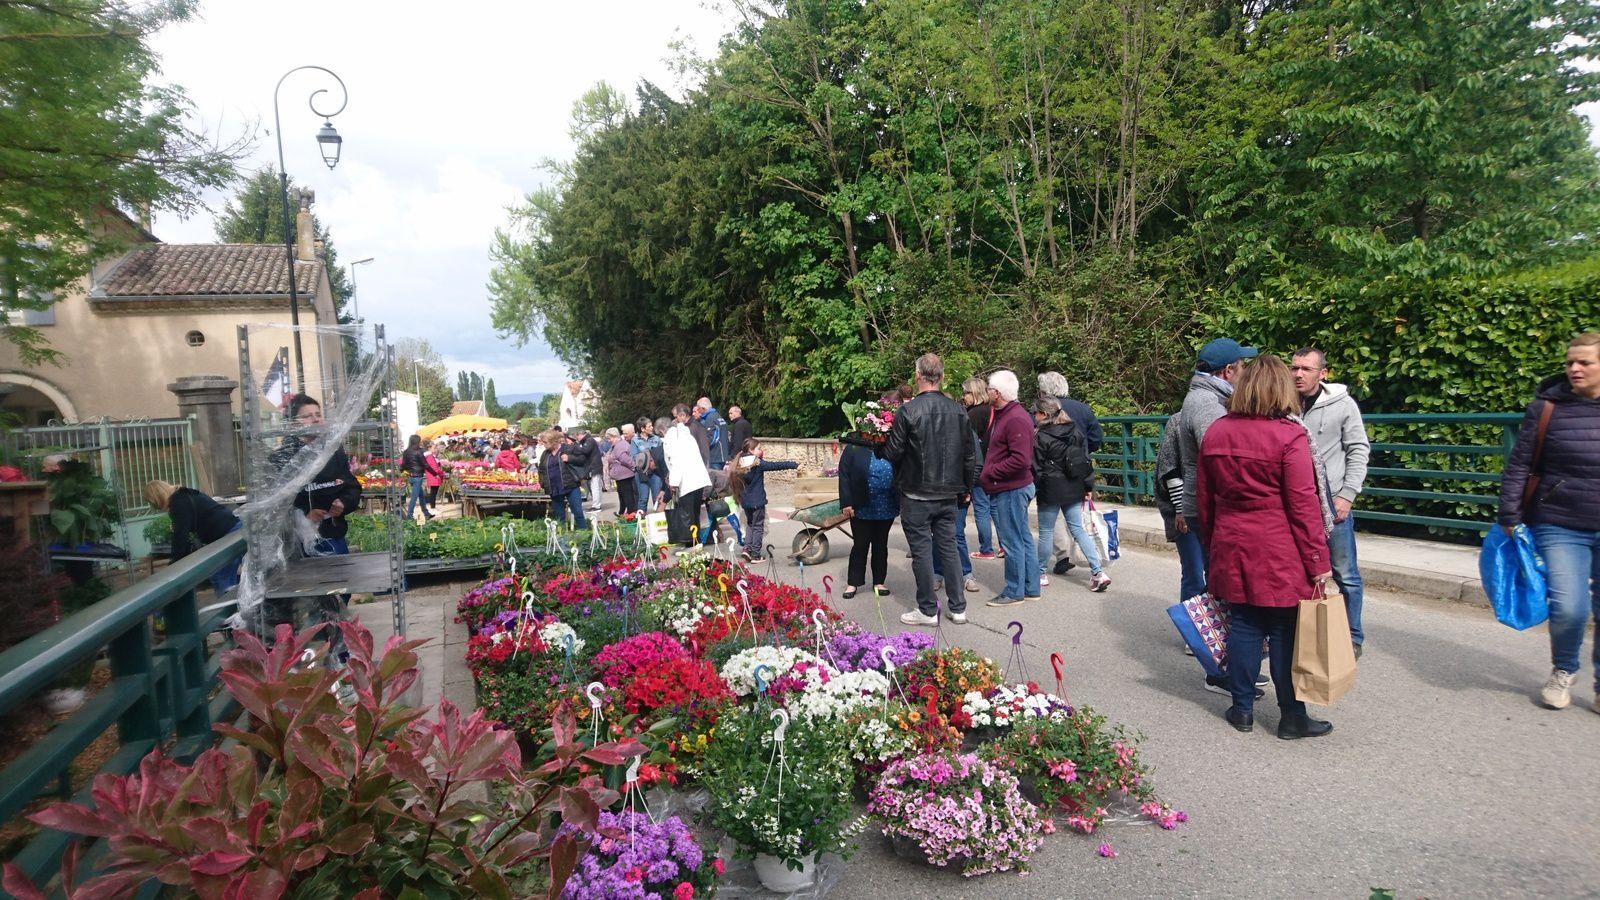 Le marché aux fleurs de Montvendre